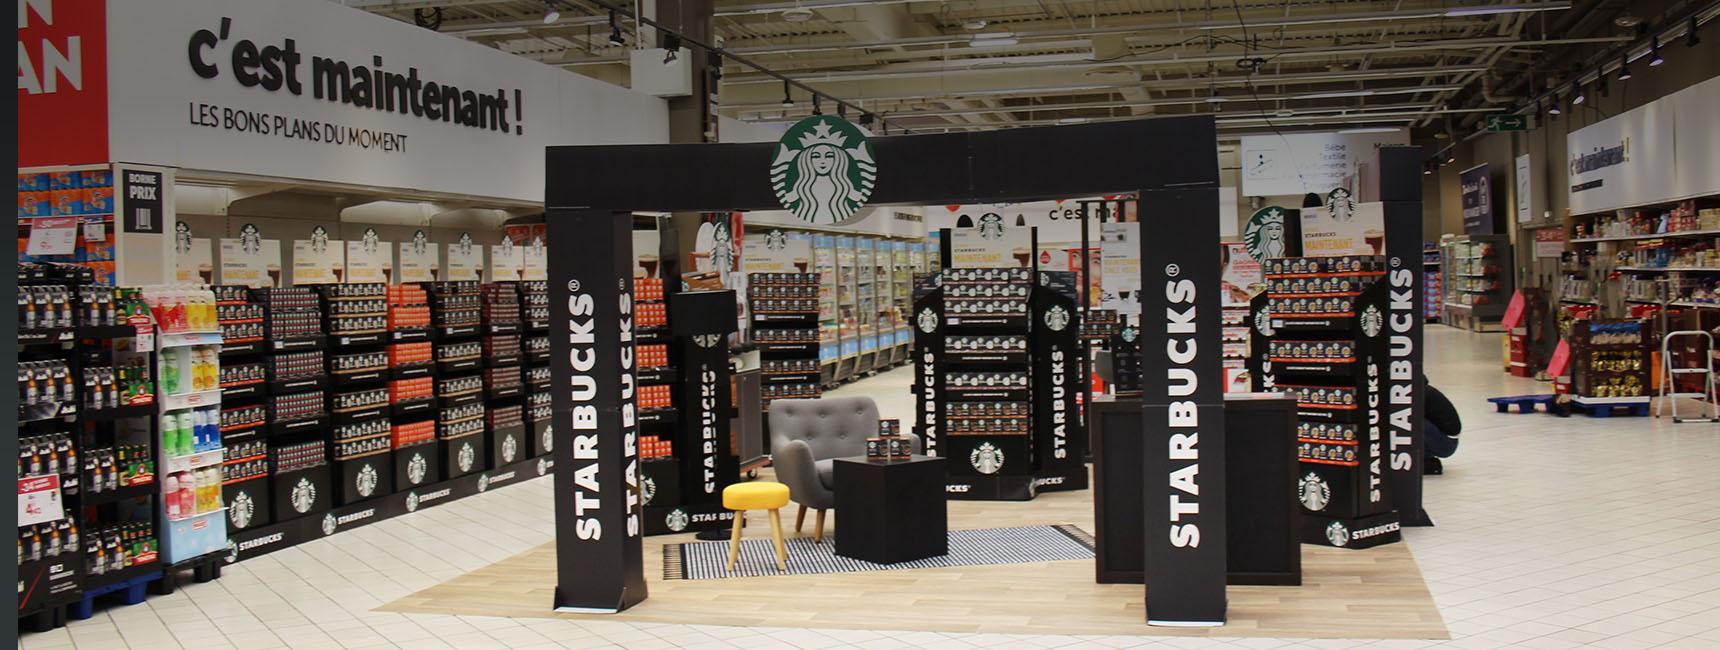 Xpop Pop up Store Boutique éphémère - Keemia Shopper Marketing Agence d'activation shopper marketing phygitale